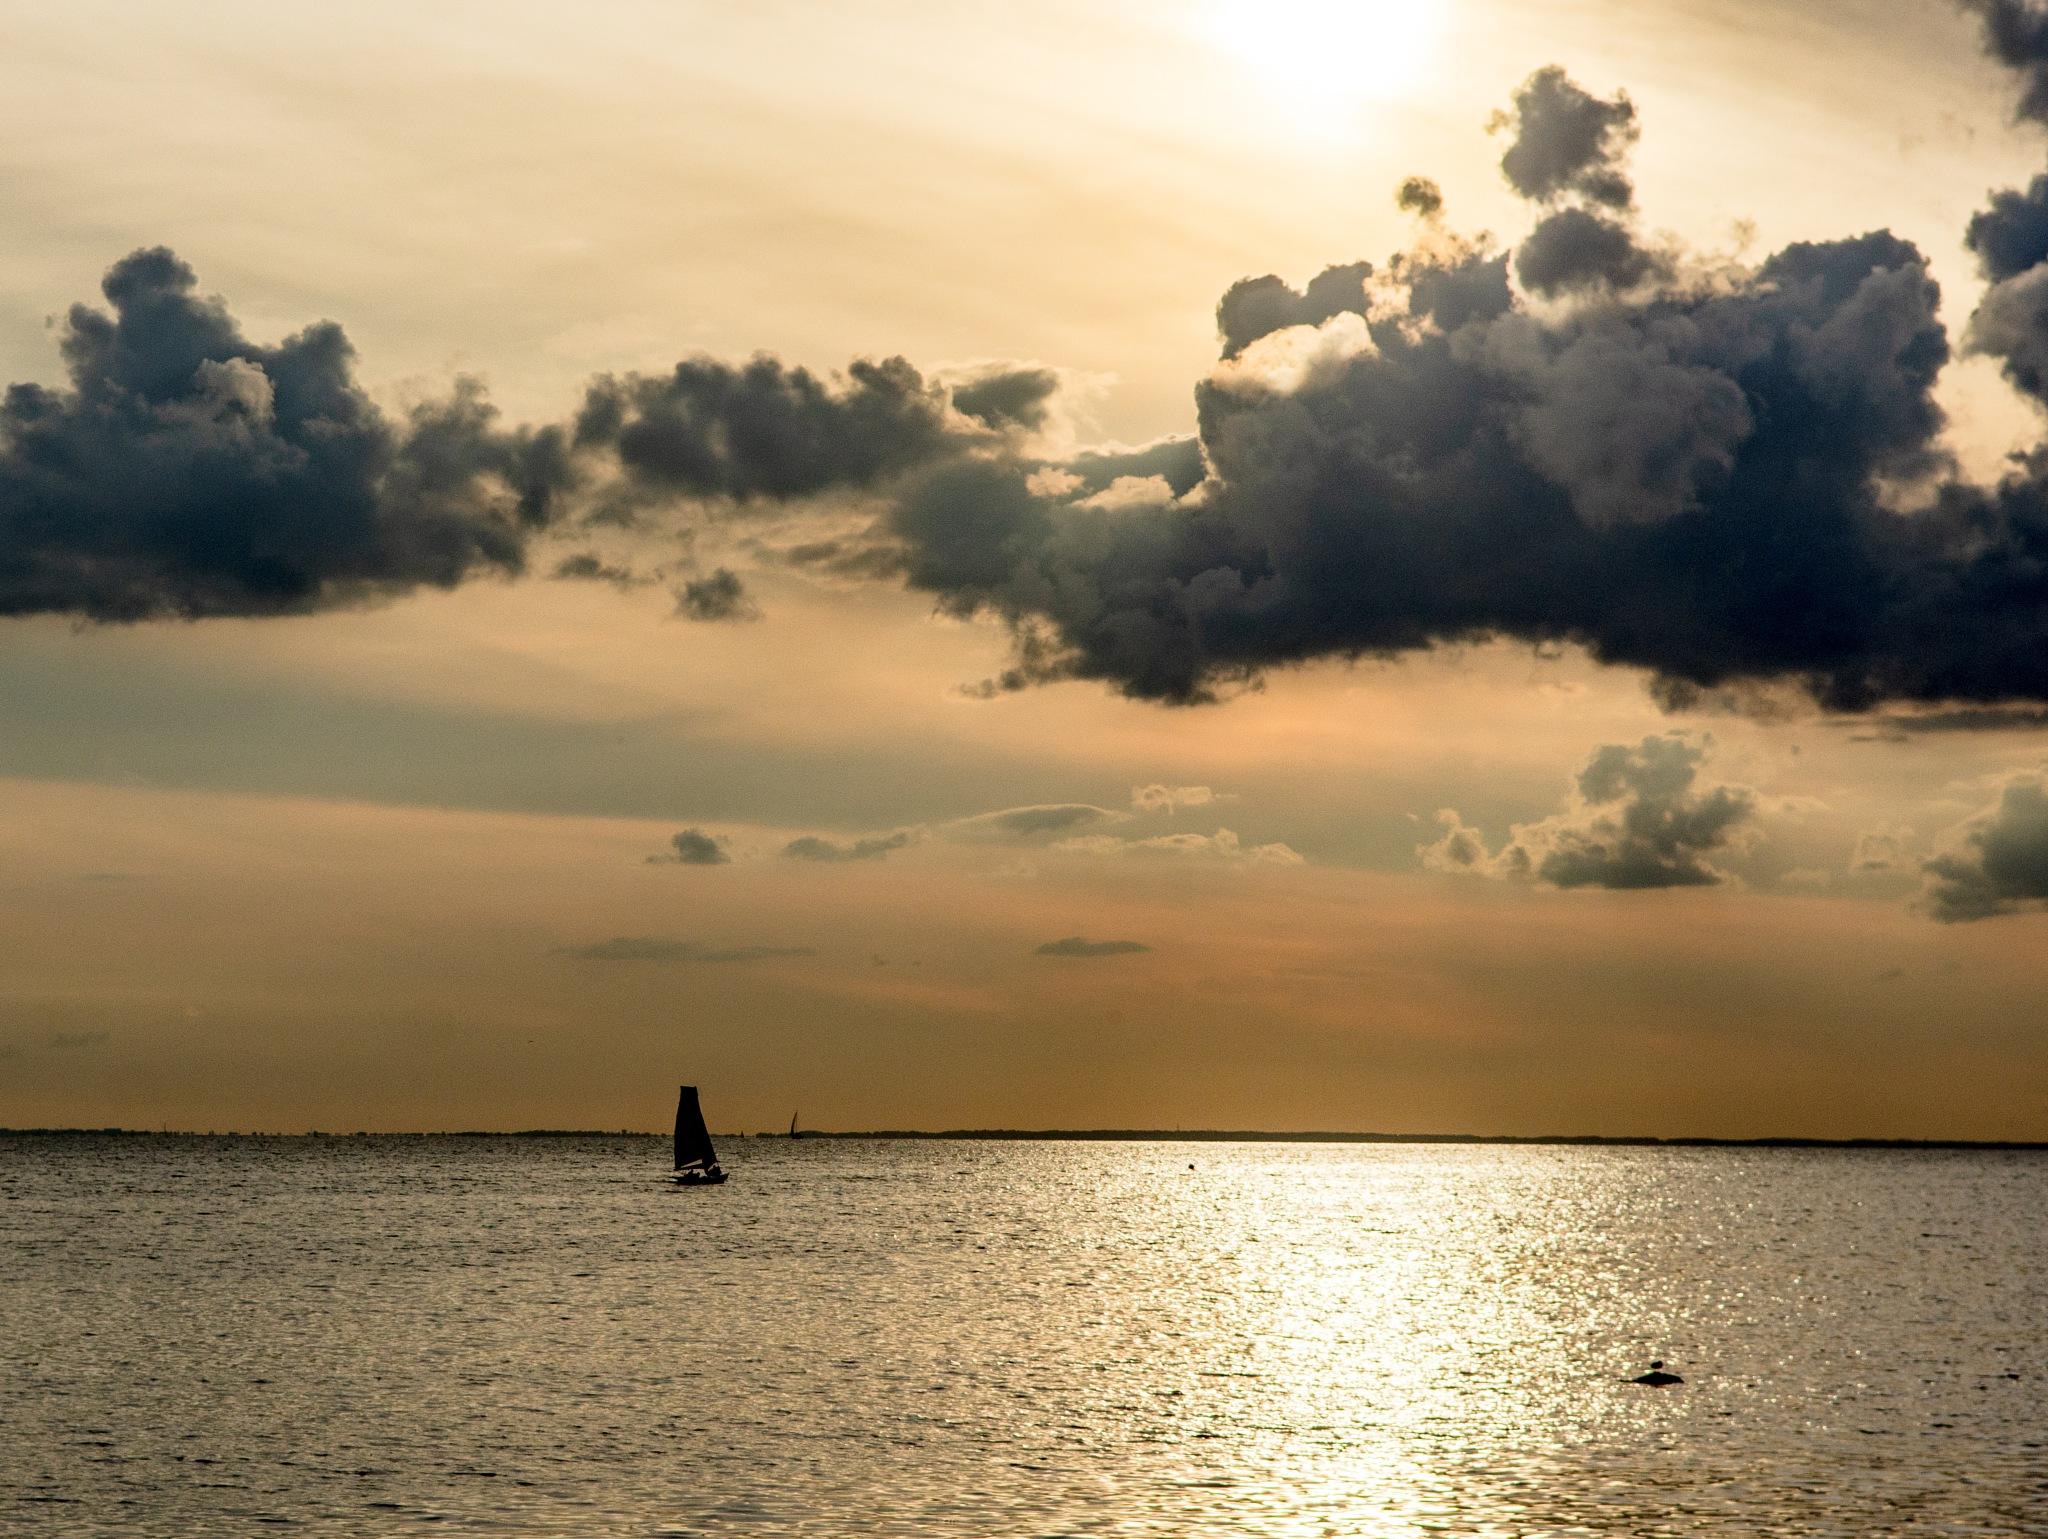 I'm sailing by kristina.truedsson